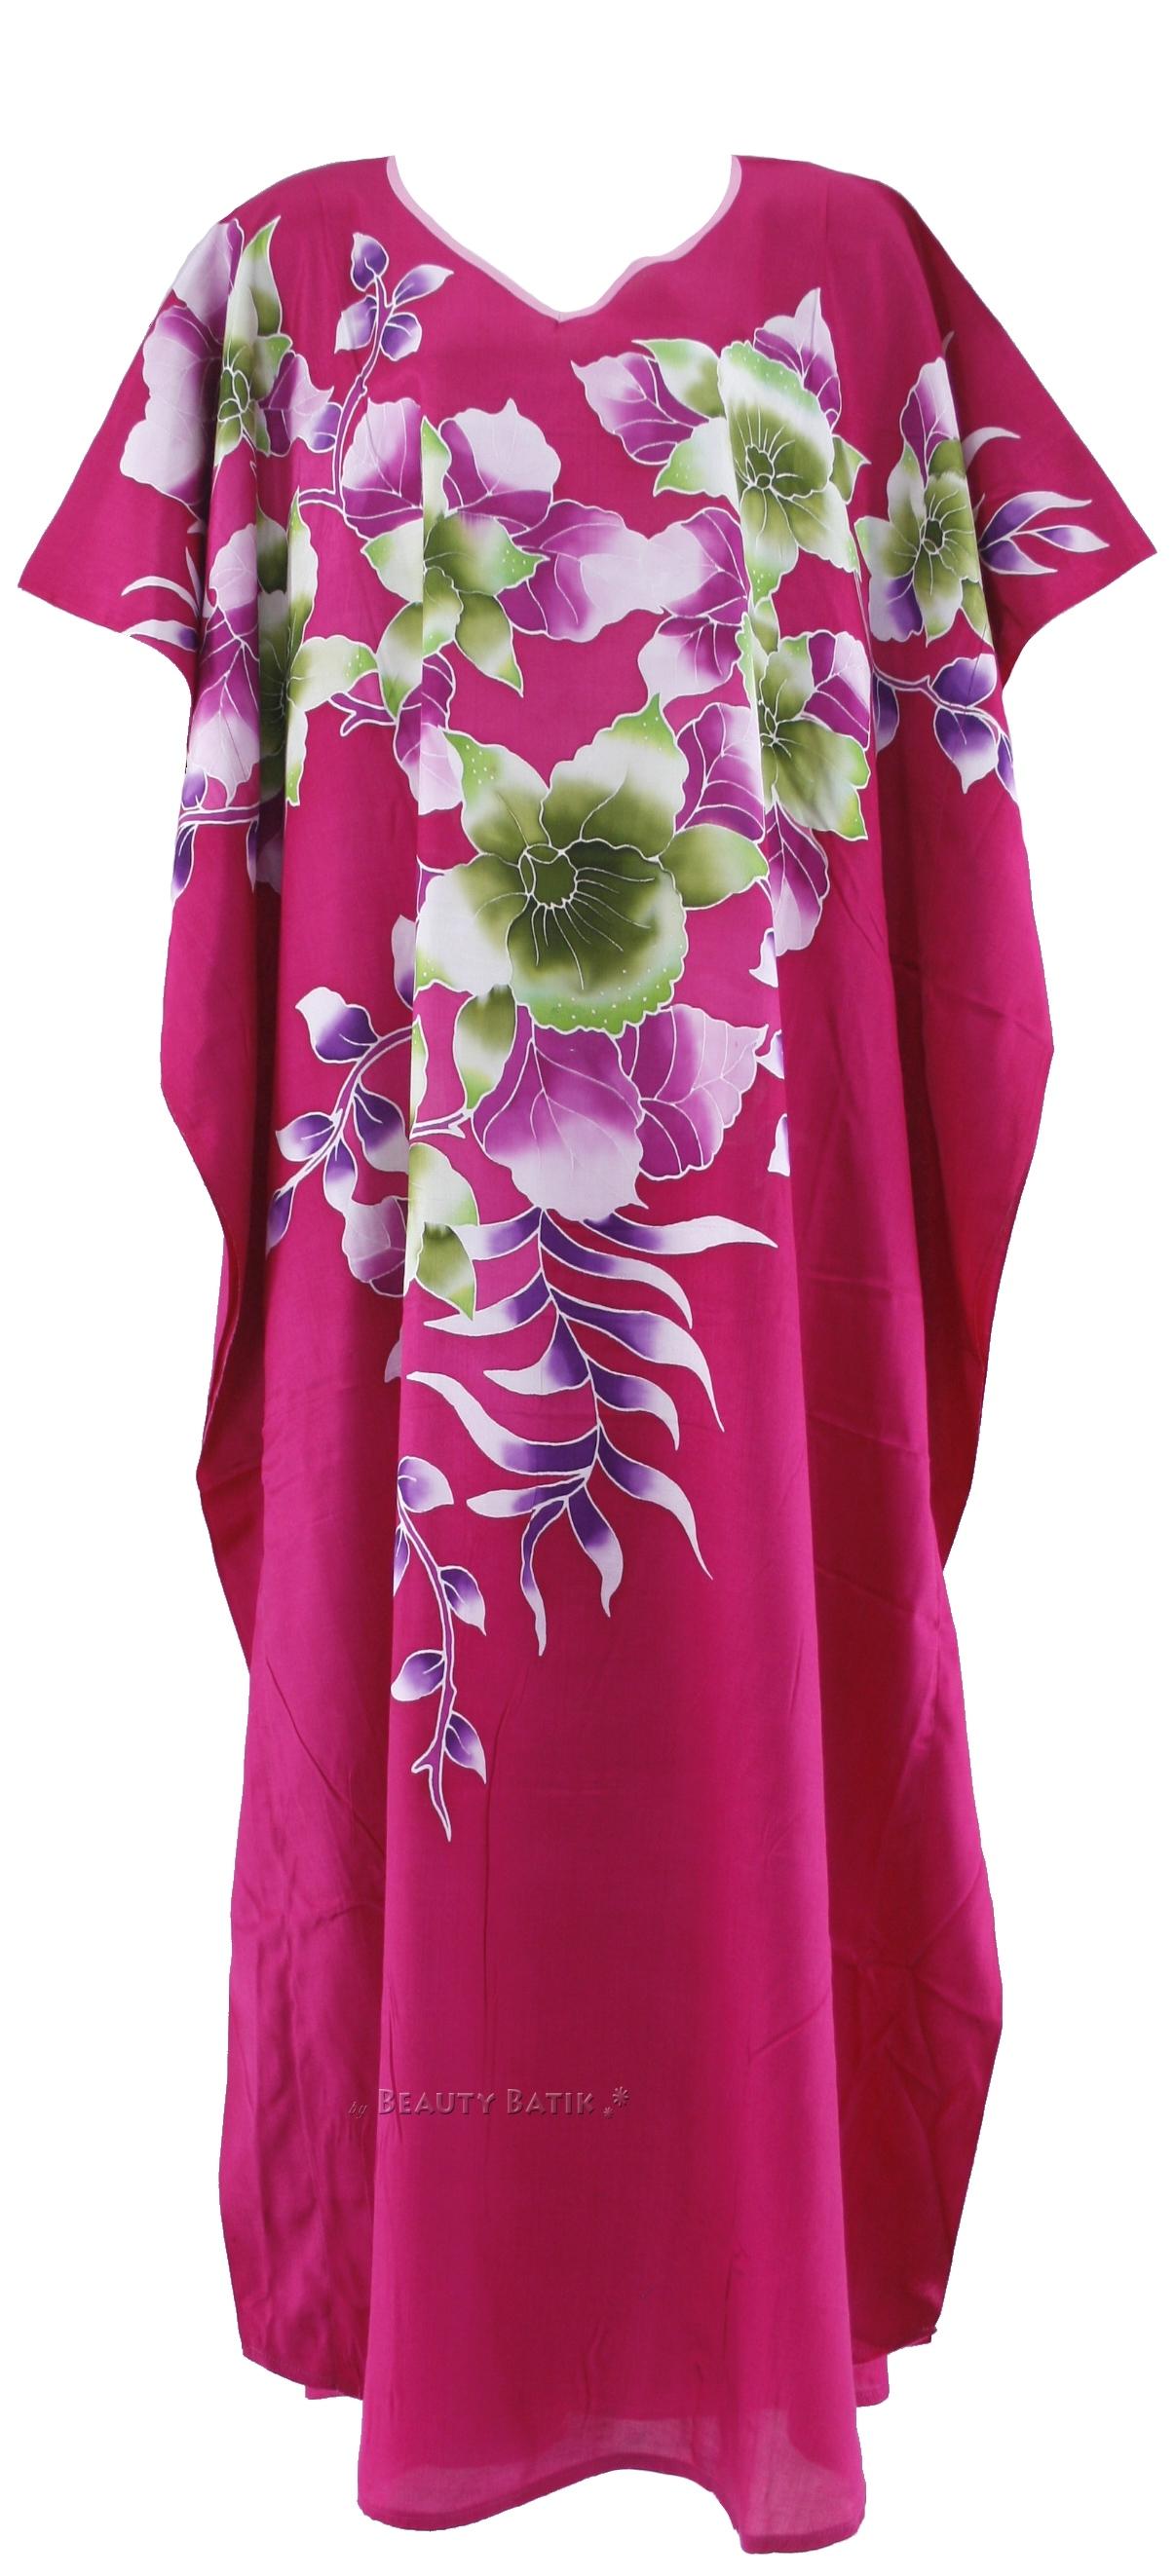 FUCHSIA Batik Caftan Kaftan Dress SZ 14 16 L XL 1X | eBay